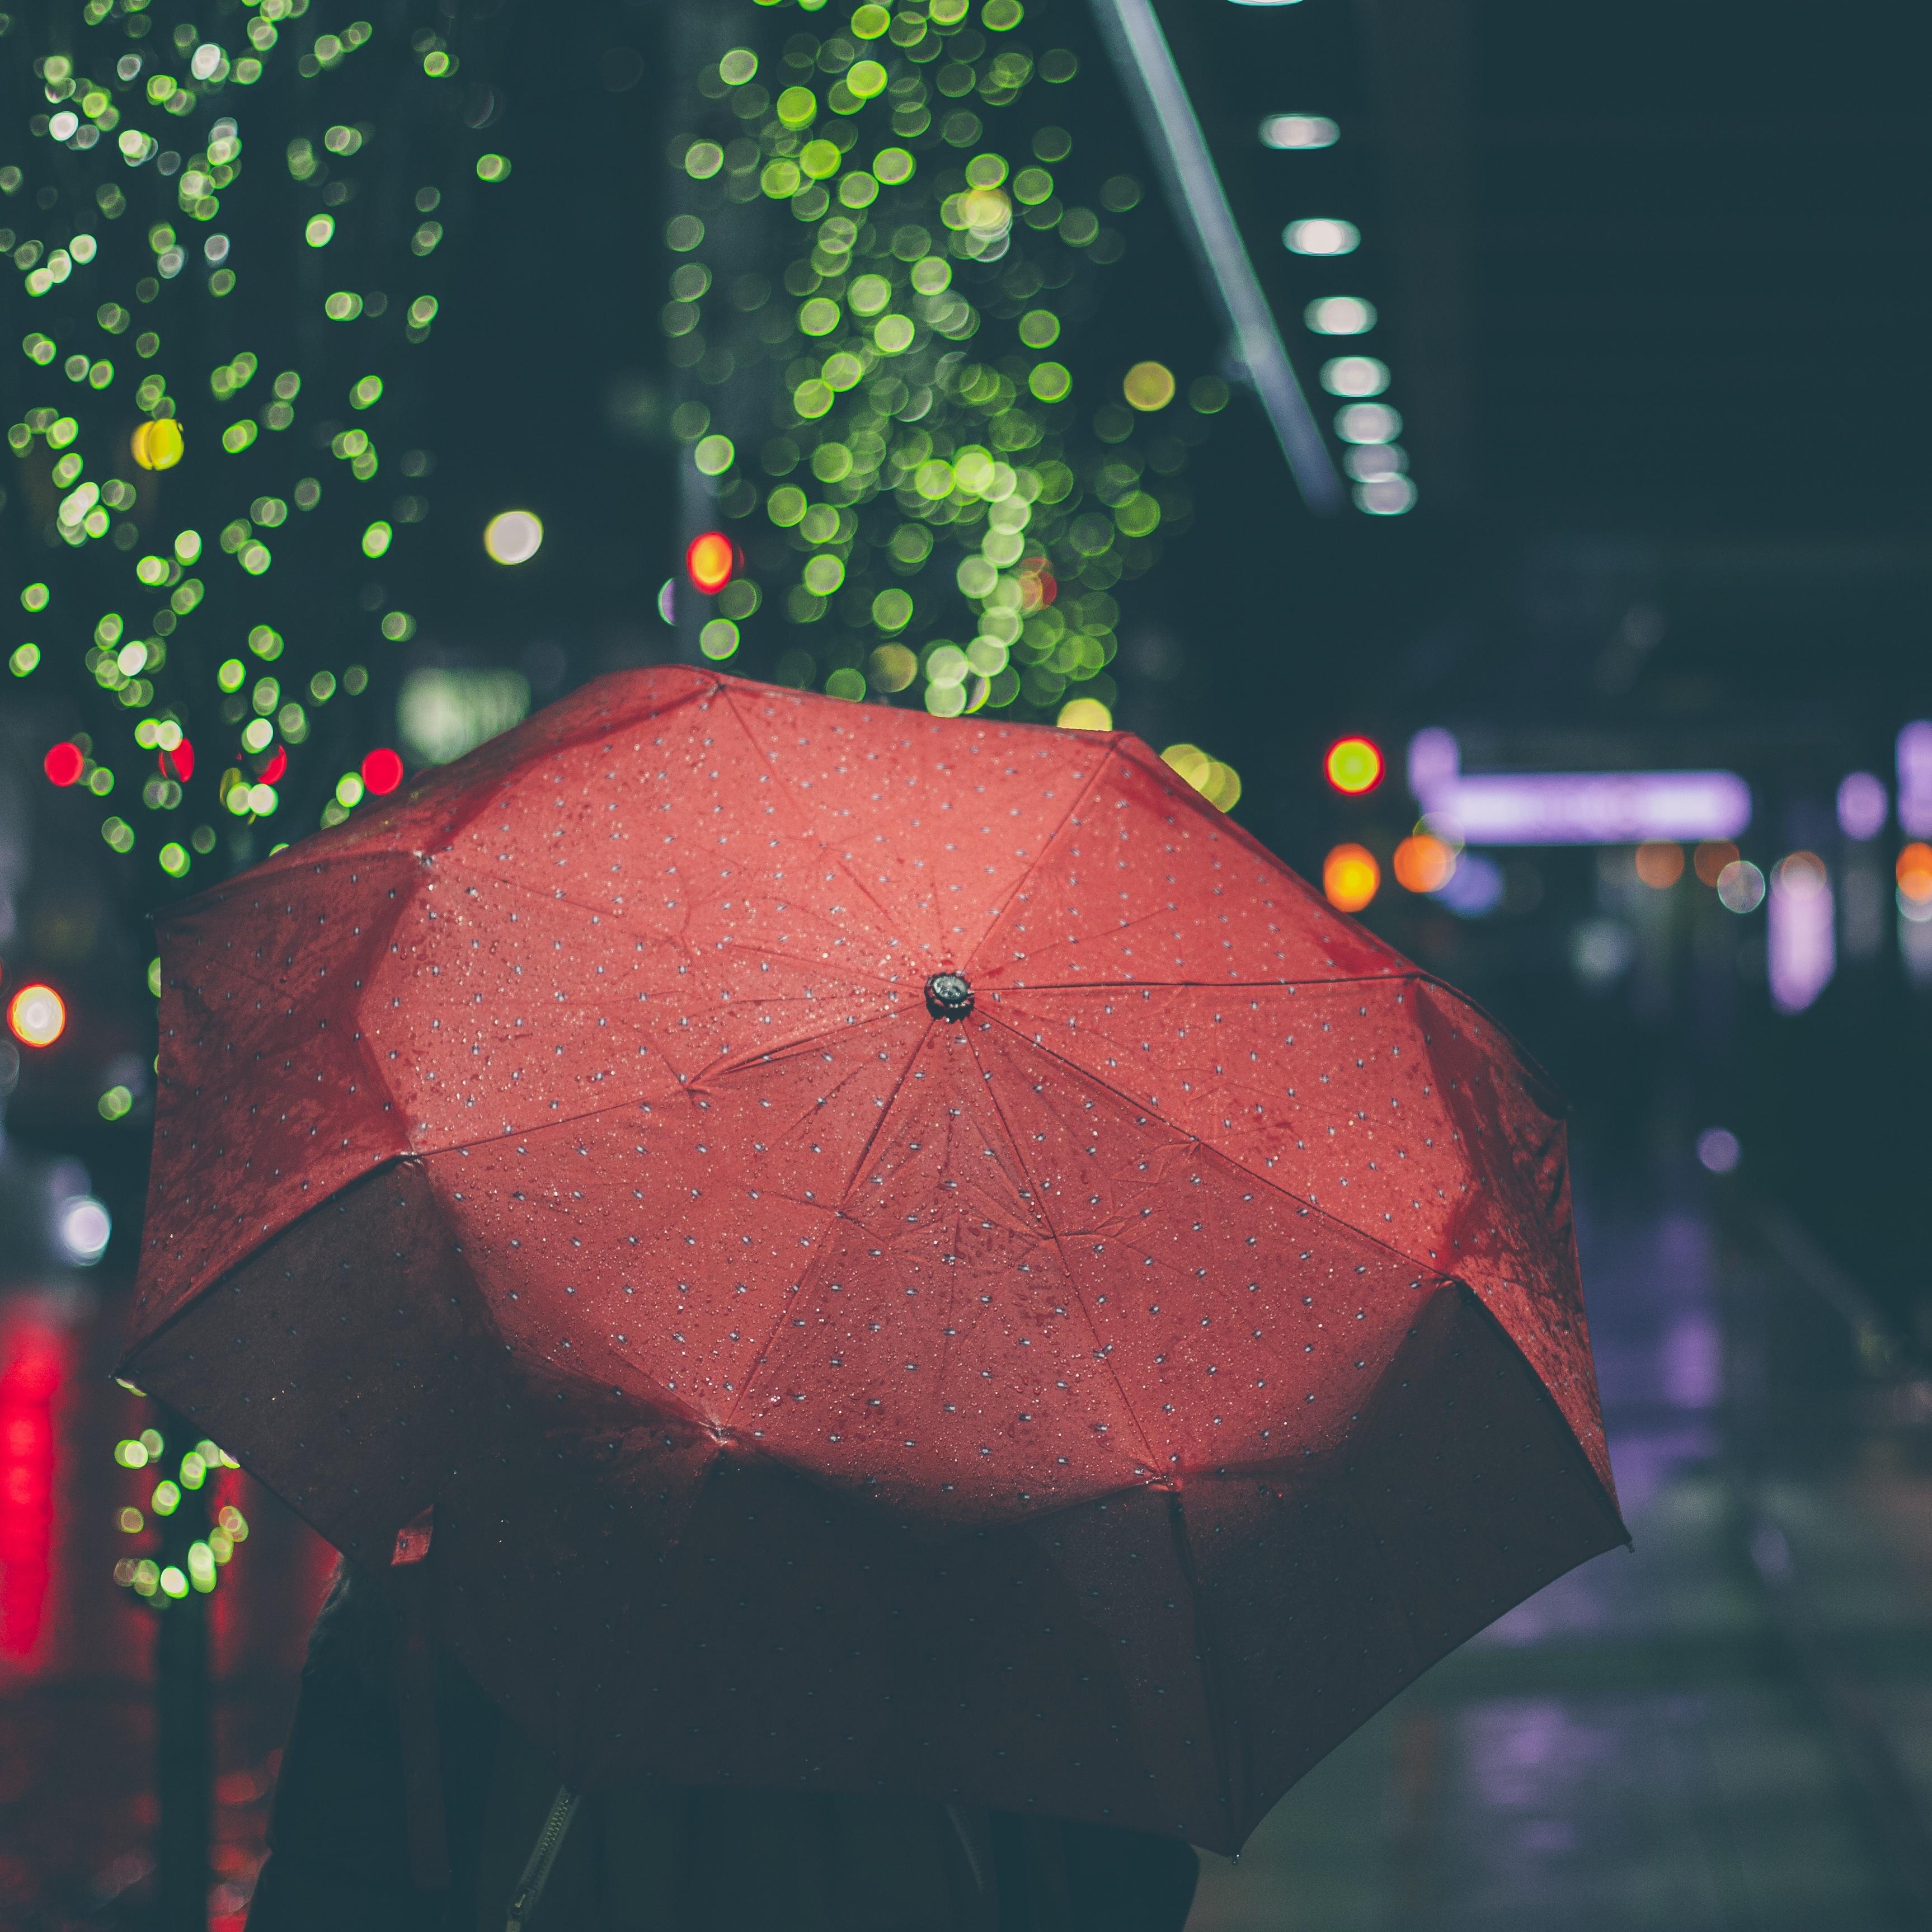 雨と赤い傘アイコン